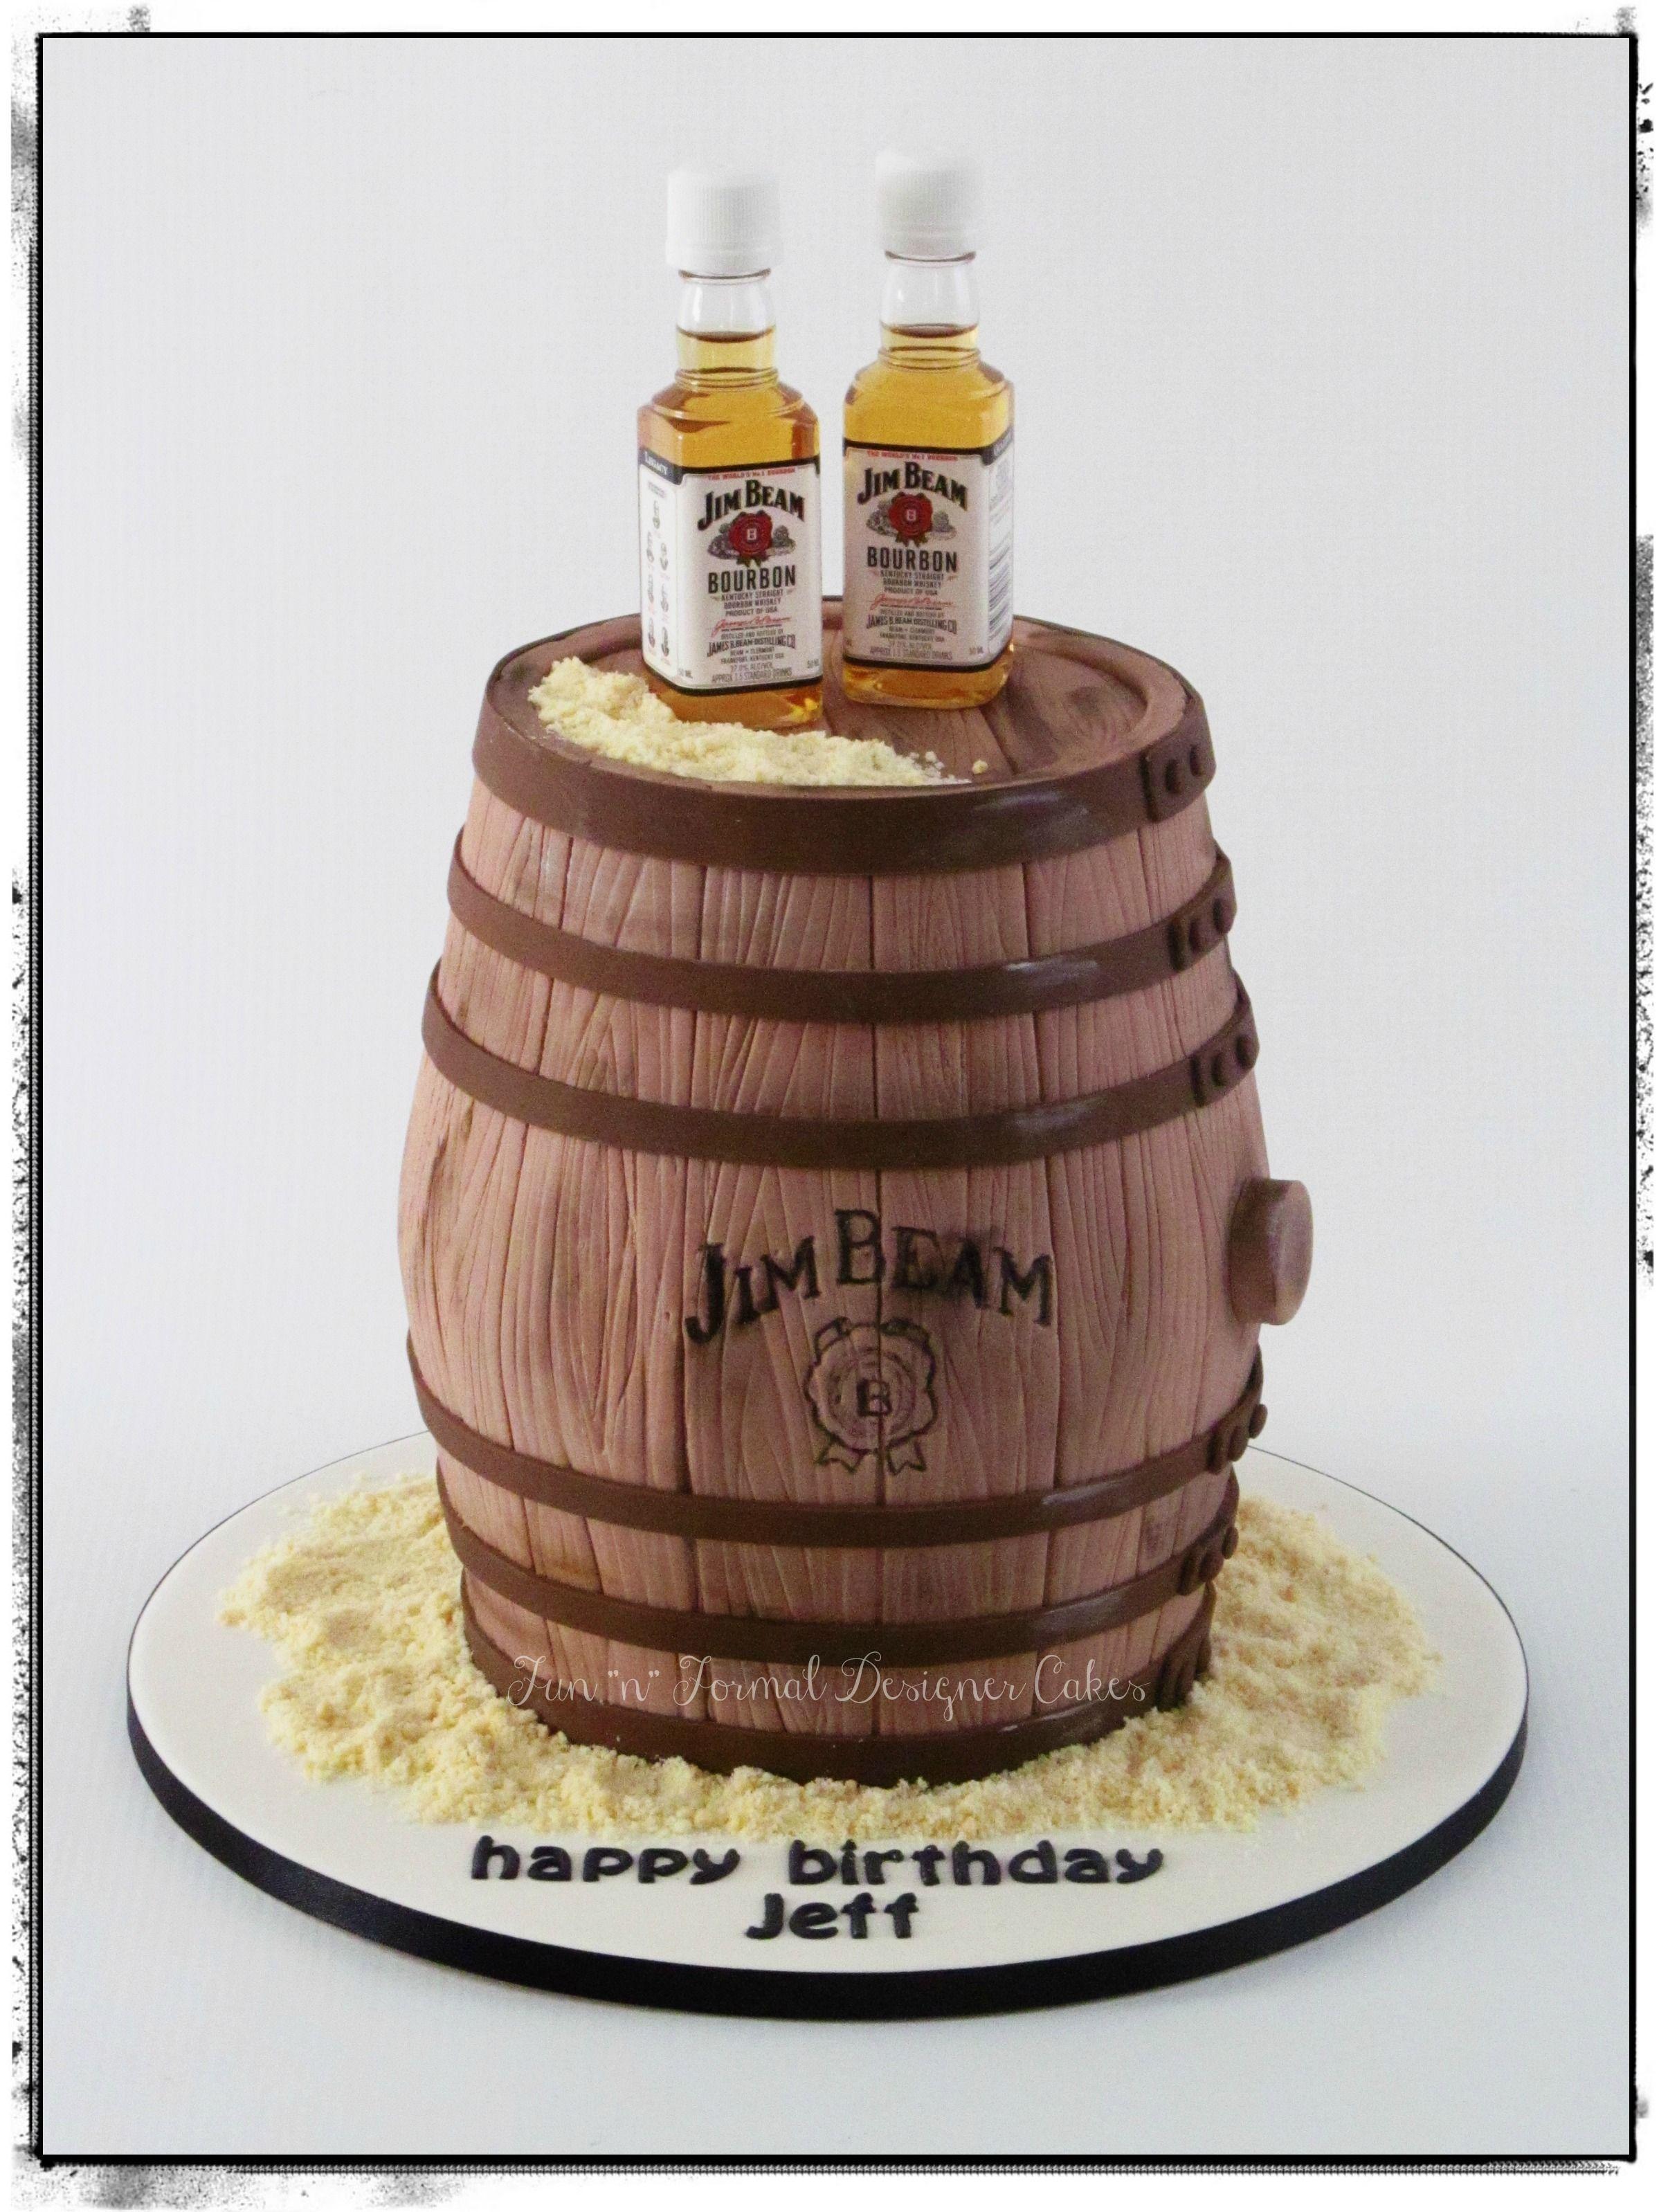 jim beam barrel birthday cake novelty cakes pinterest geburtstagskuchen kuchen und kekse. Black Bedroom Furniture Sets. Home Design Ideas